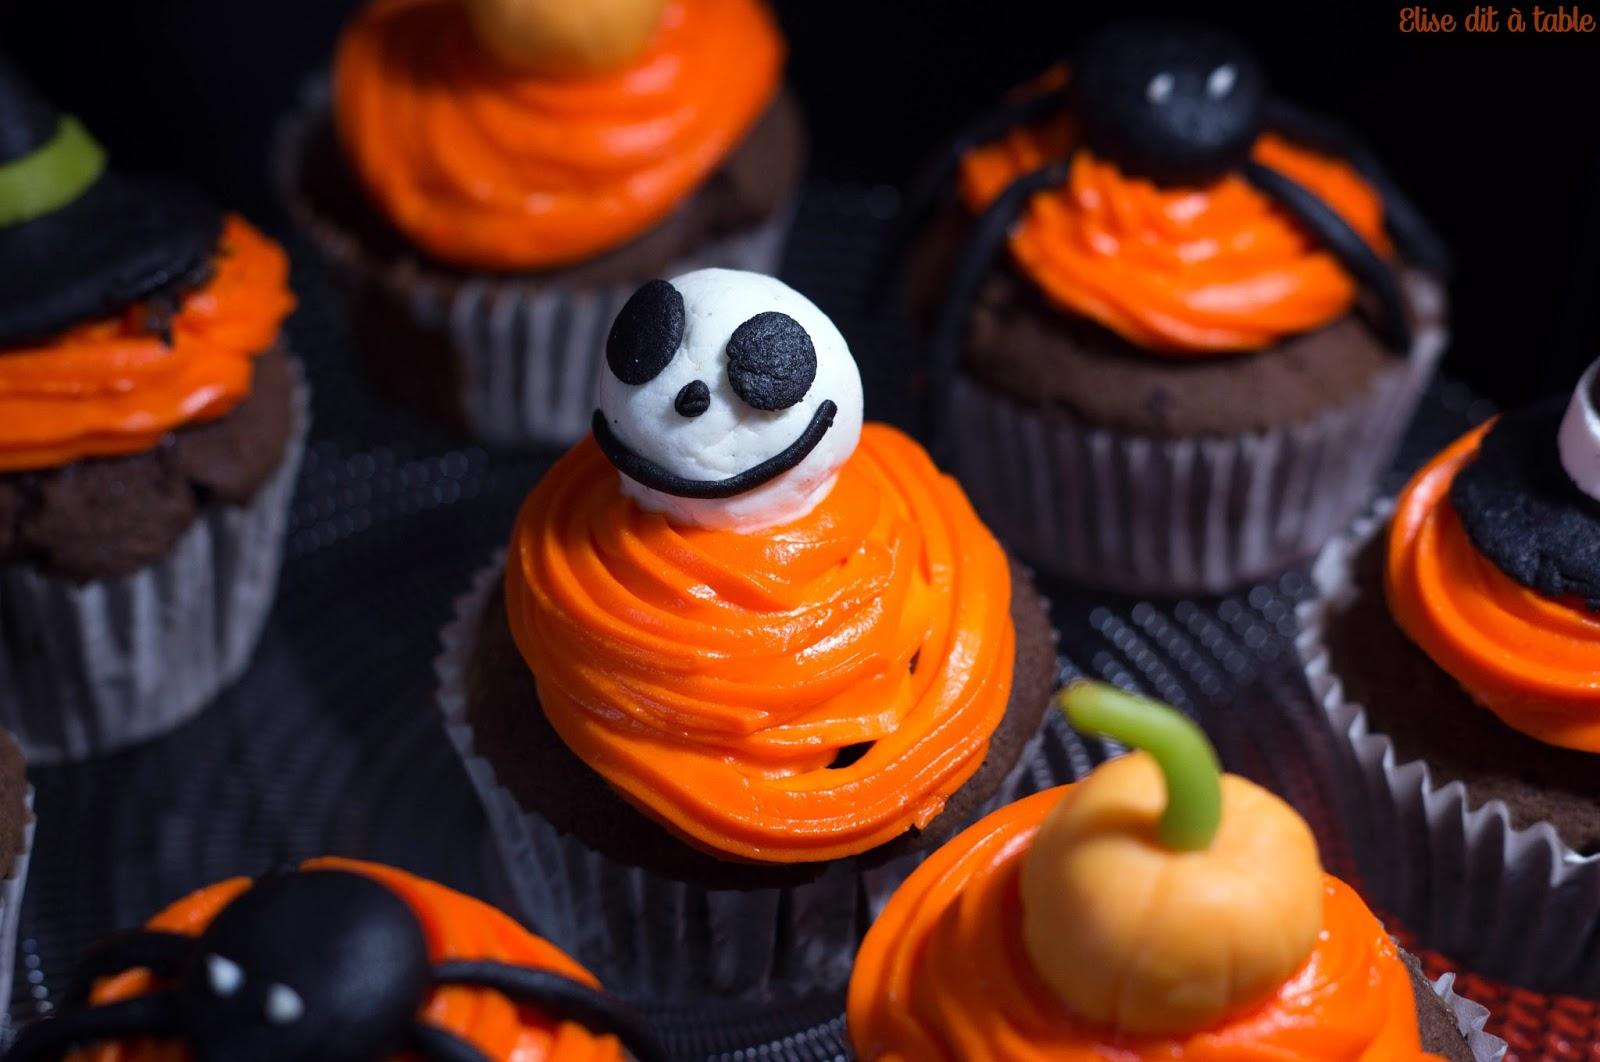 Cupcake d'Halloween sur le blog Elise dit à table !